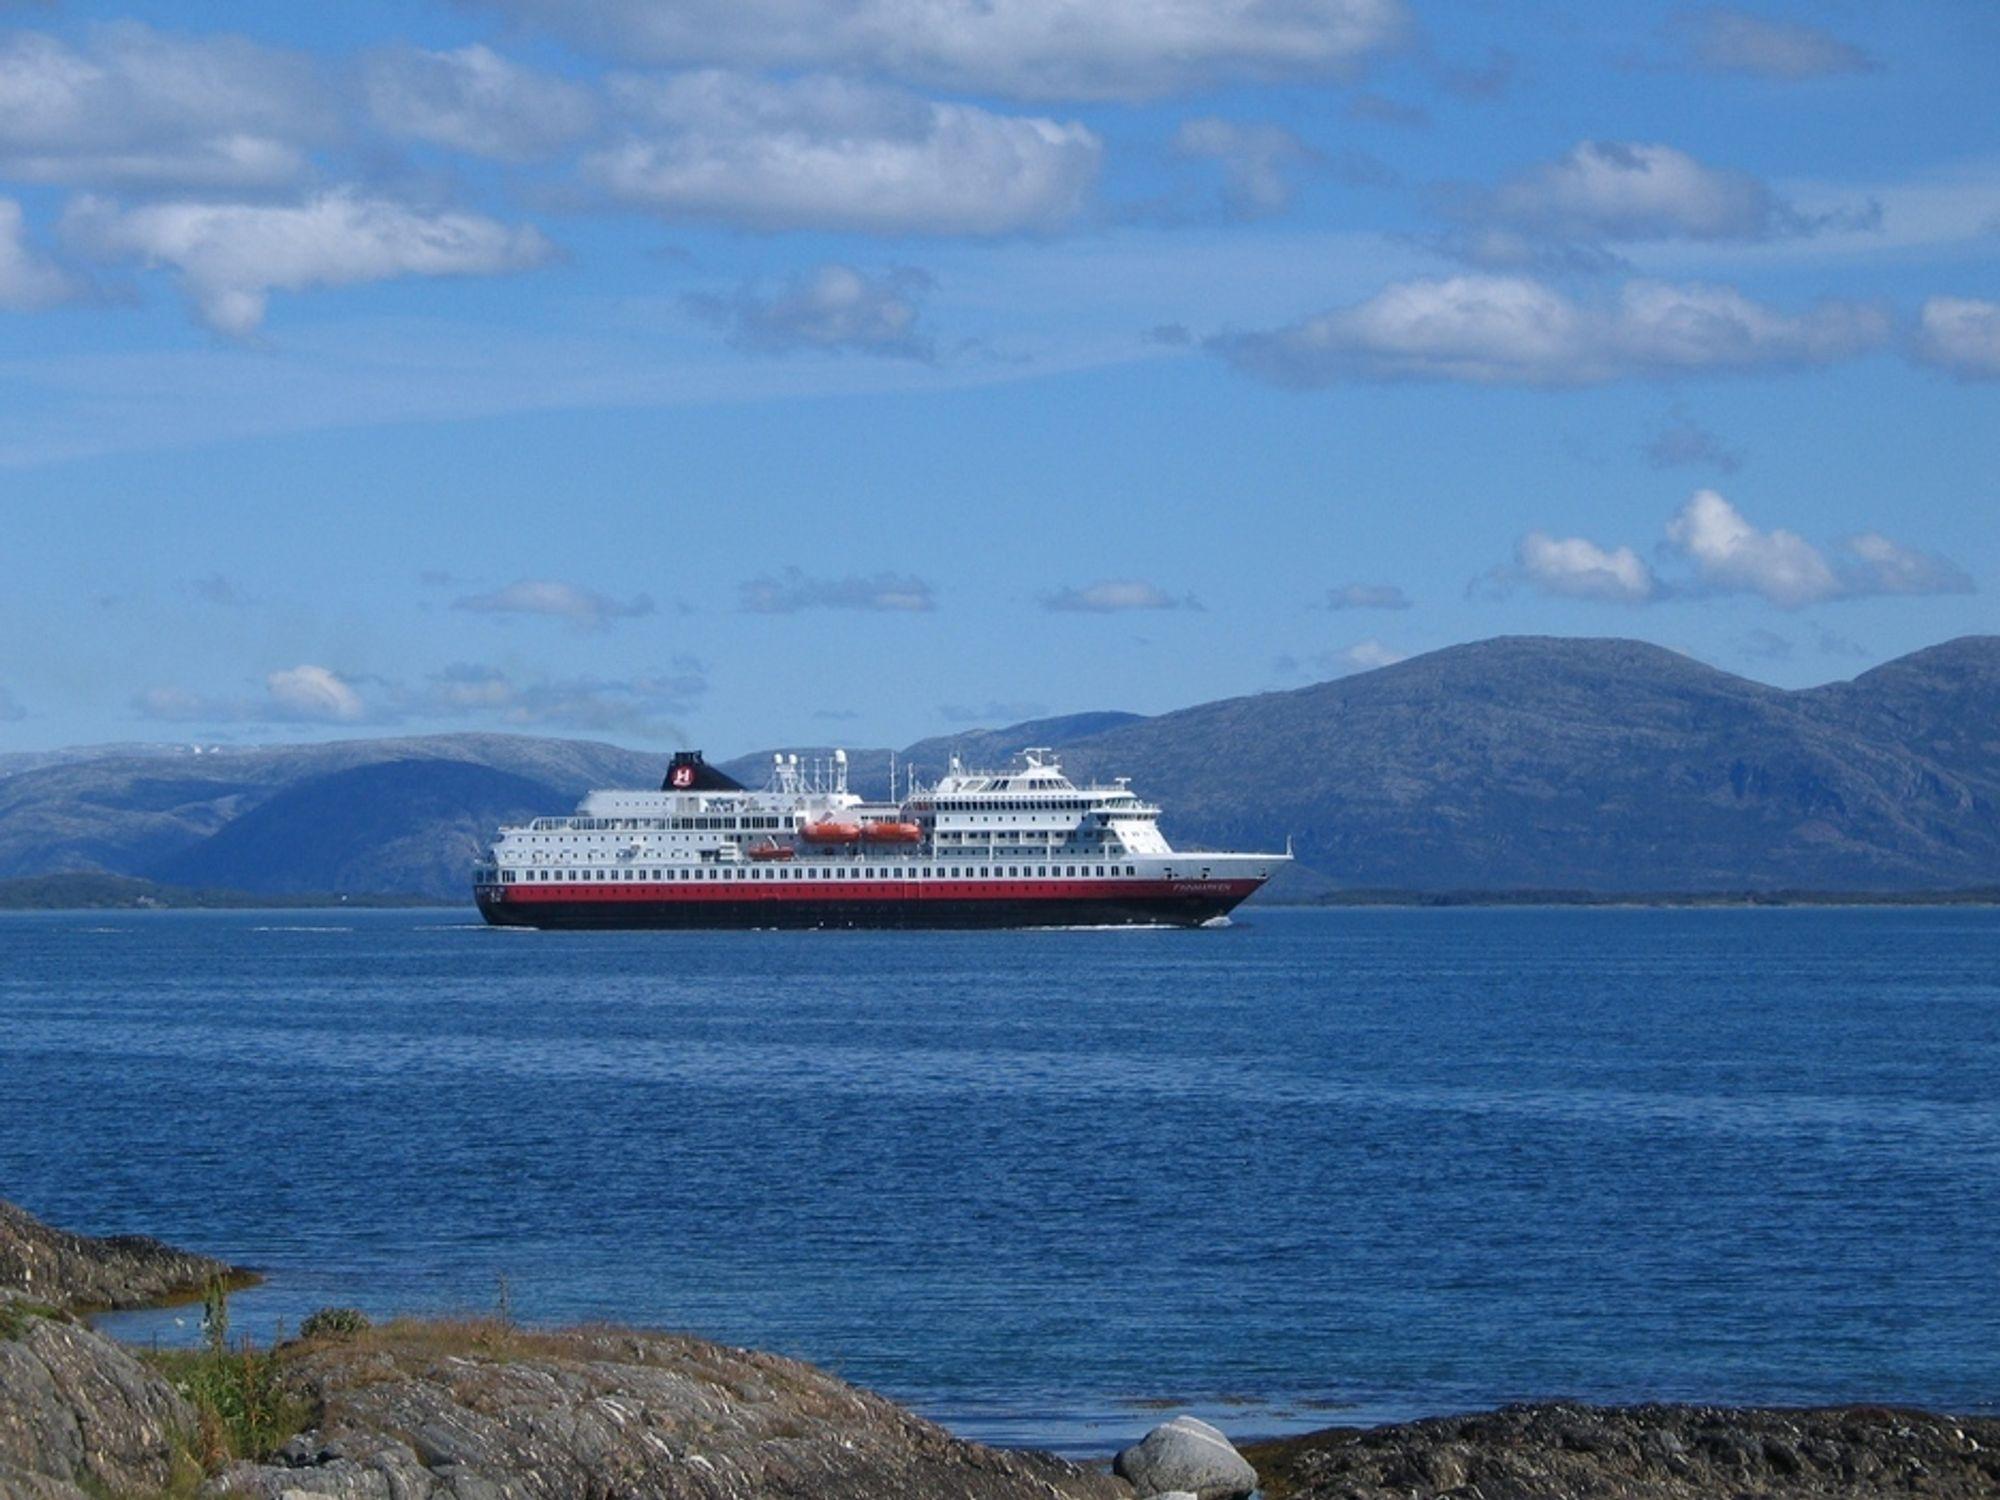 TILBAKE I RUTE: Finnmarken hentes tilbake til Norge, og skal igjen få malt på den klassiske hurtigruteprofilen, etter å ha vært hotellskip i Australia en periode.